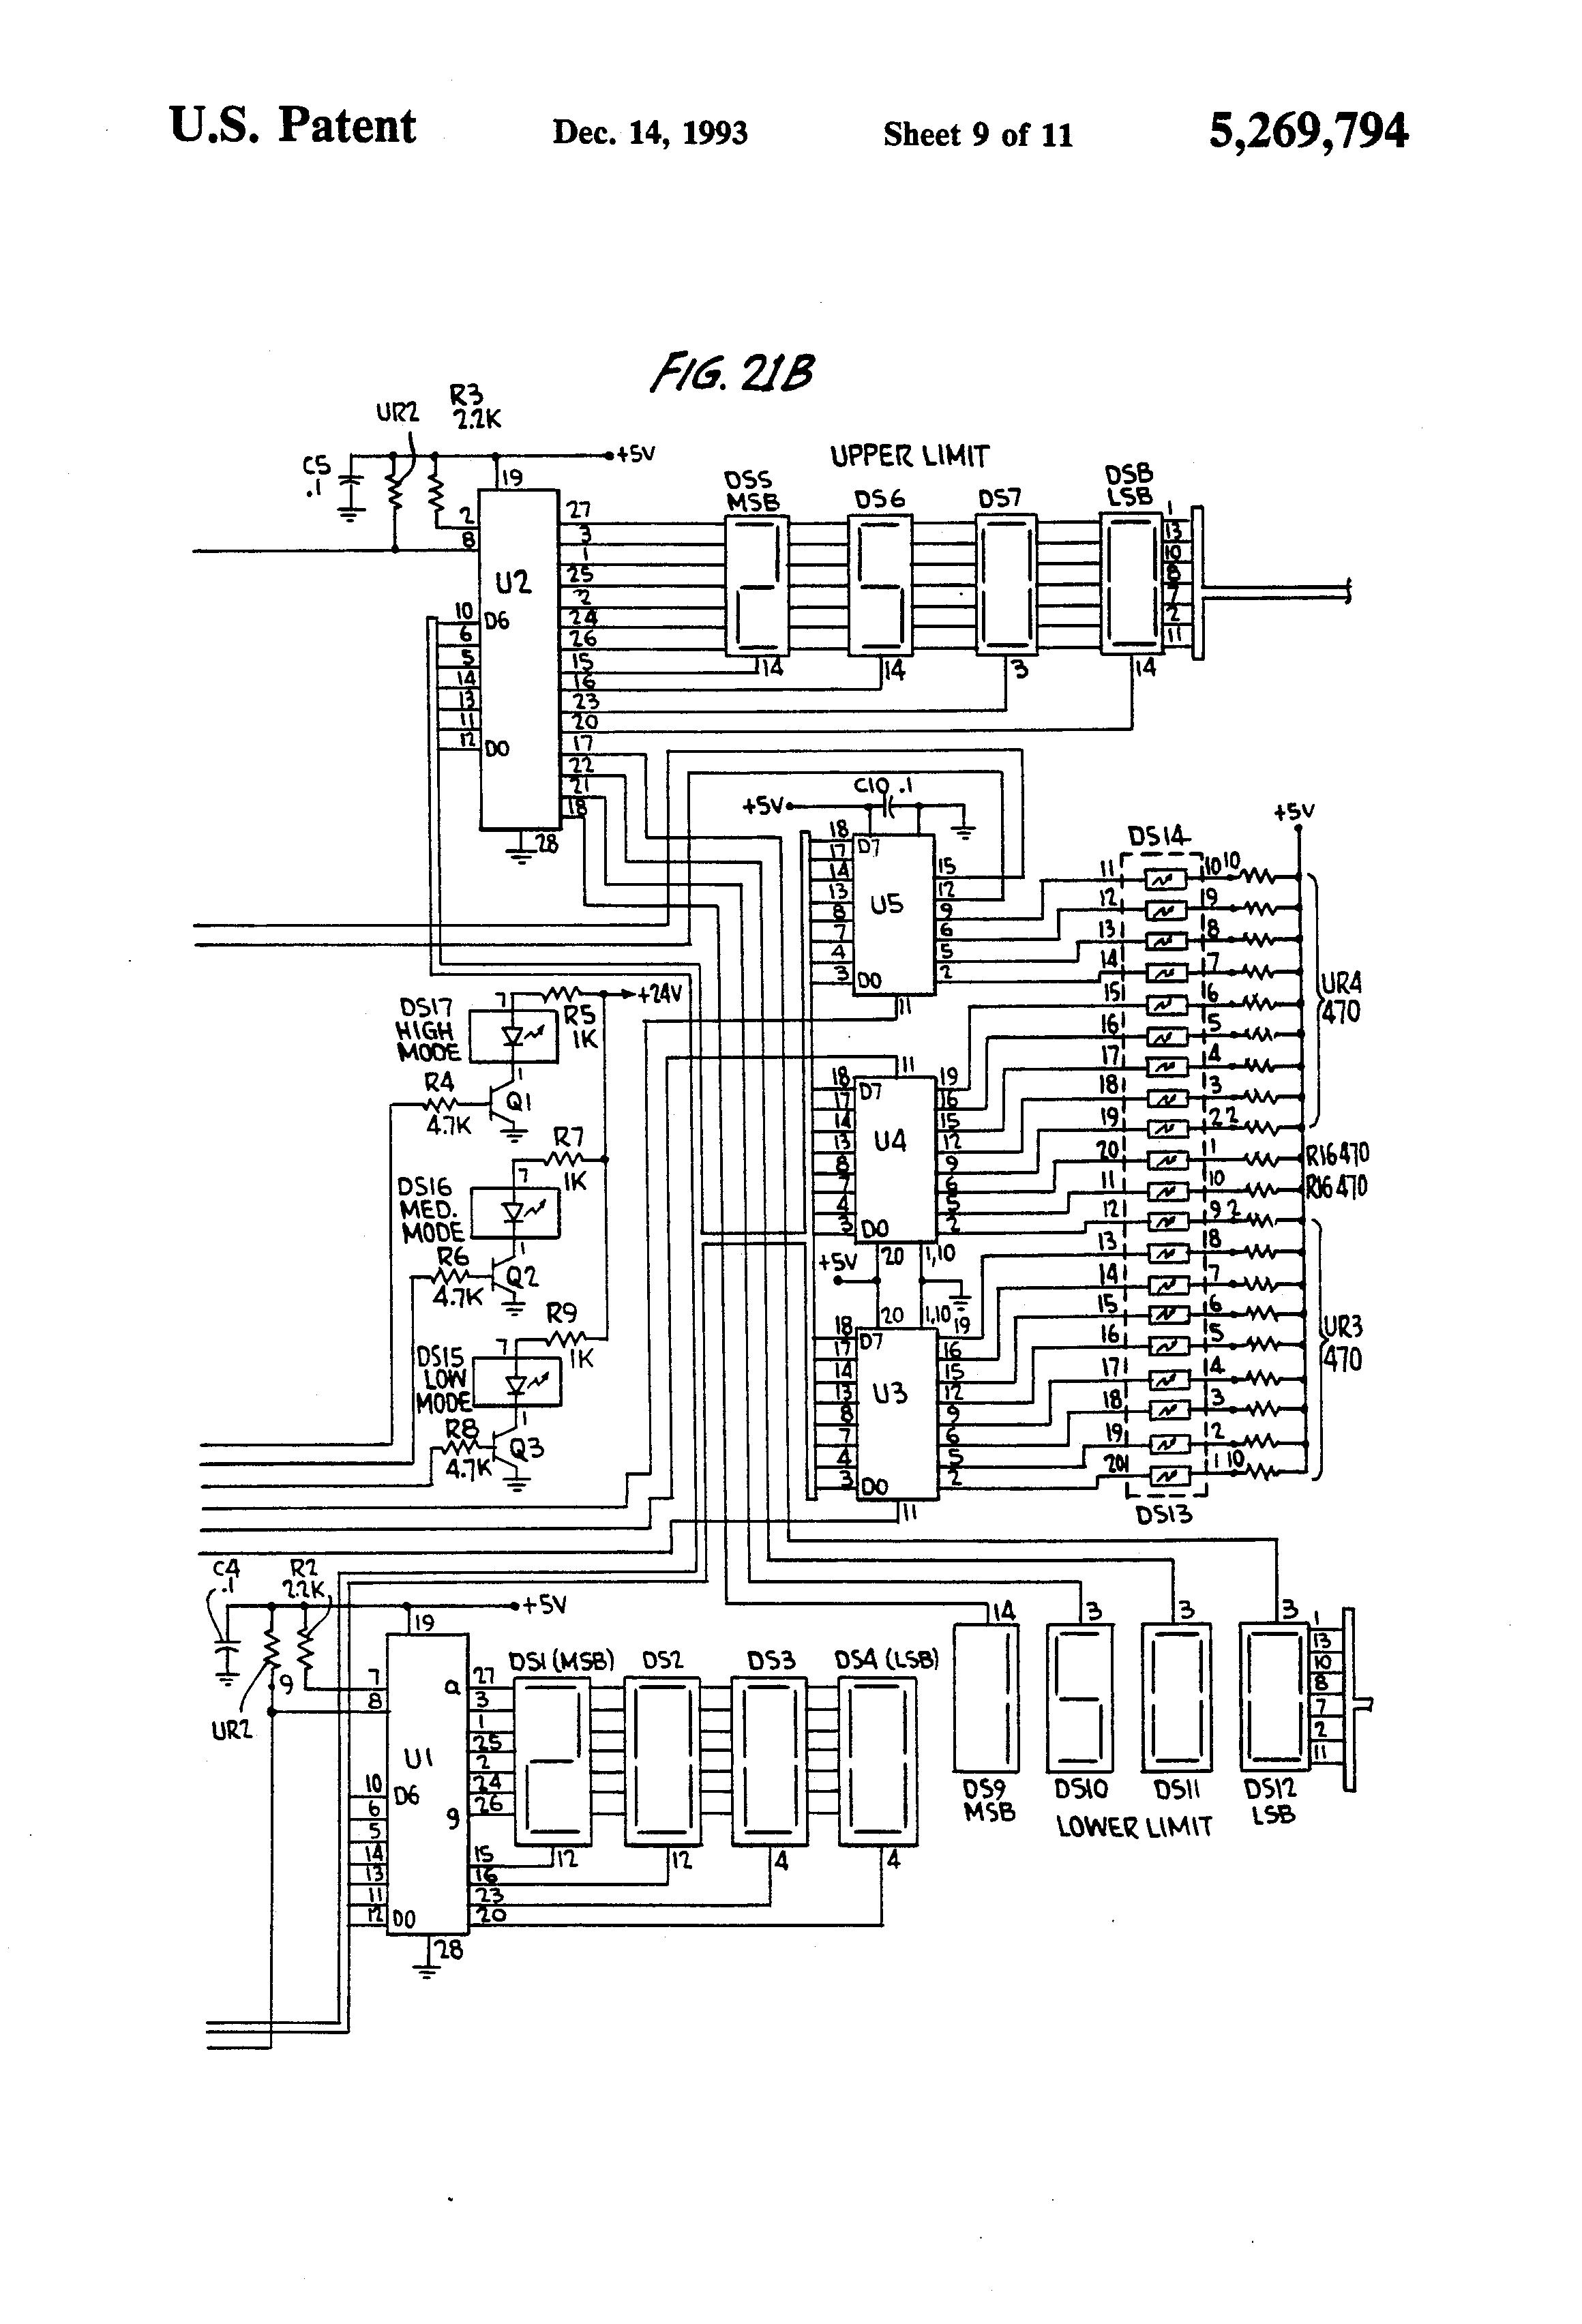 1993 International 8100 Wiring Diagram | Schematic Diagram on international 4300 truck parts diagram, international 4300 air brake schematic, international 4700 dt466e diagram, international 4300 engine diagram,